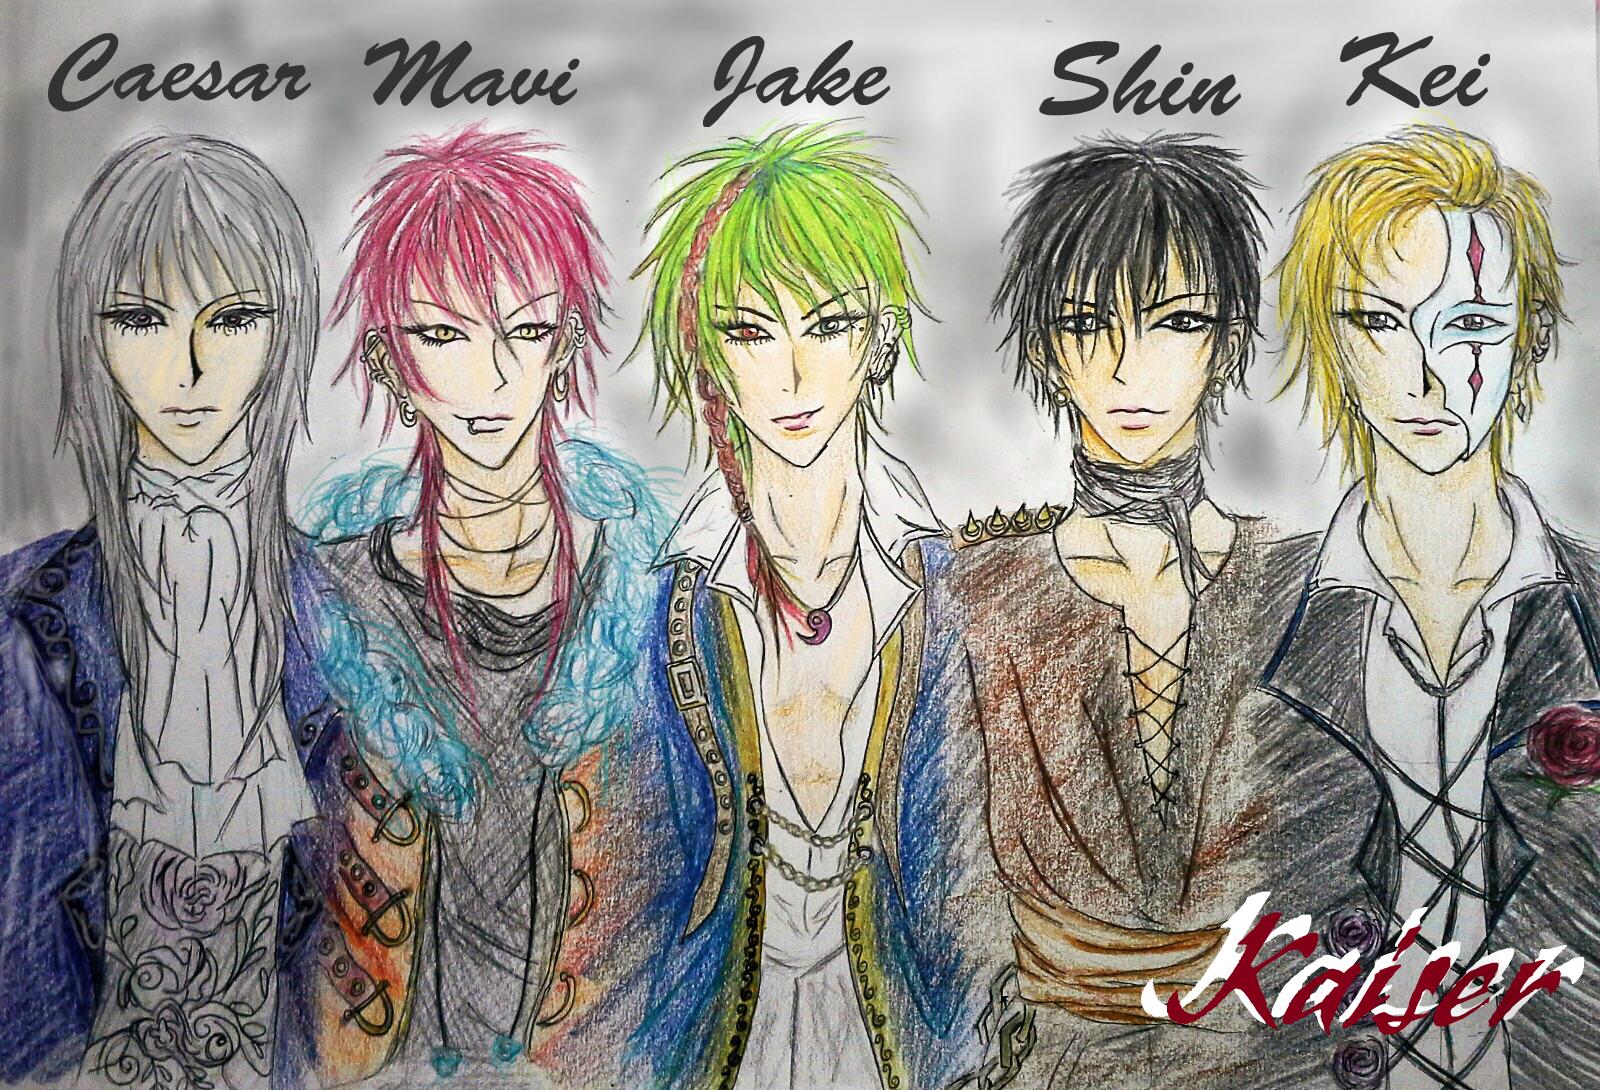 Kaiser - Band Members by MuArtGL on DeviantArt